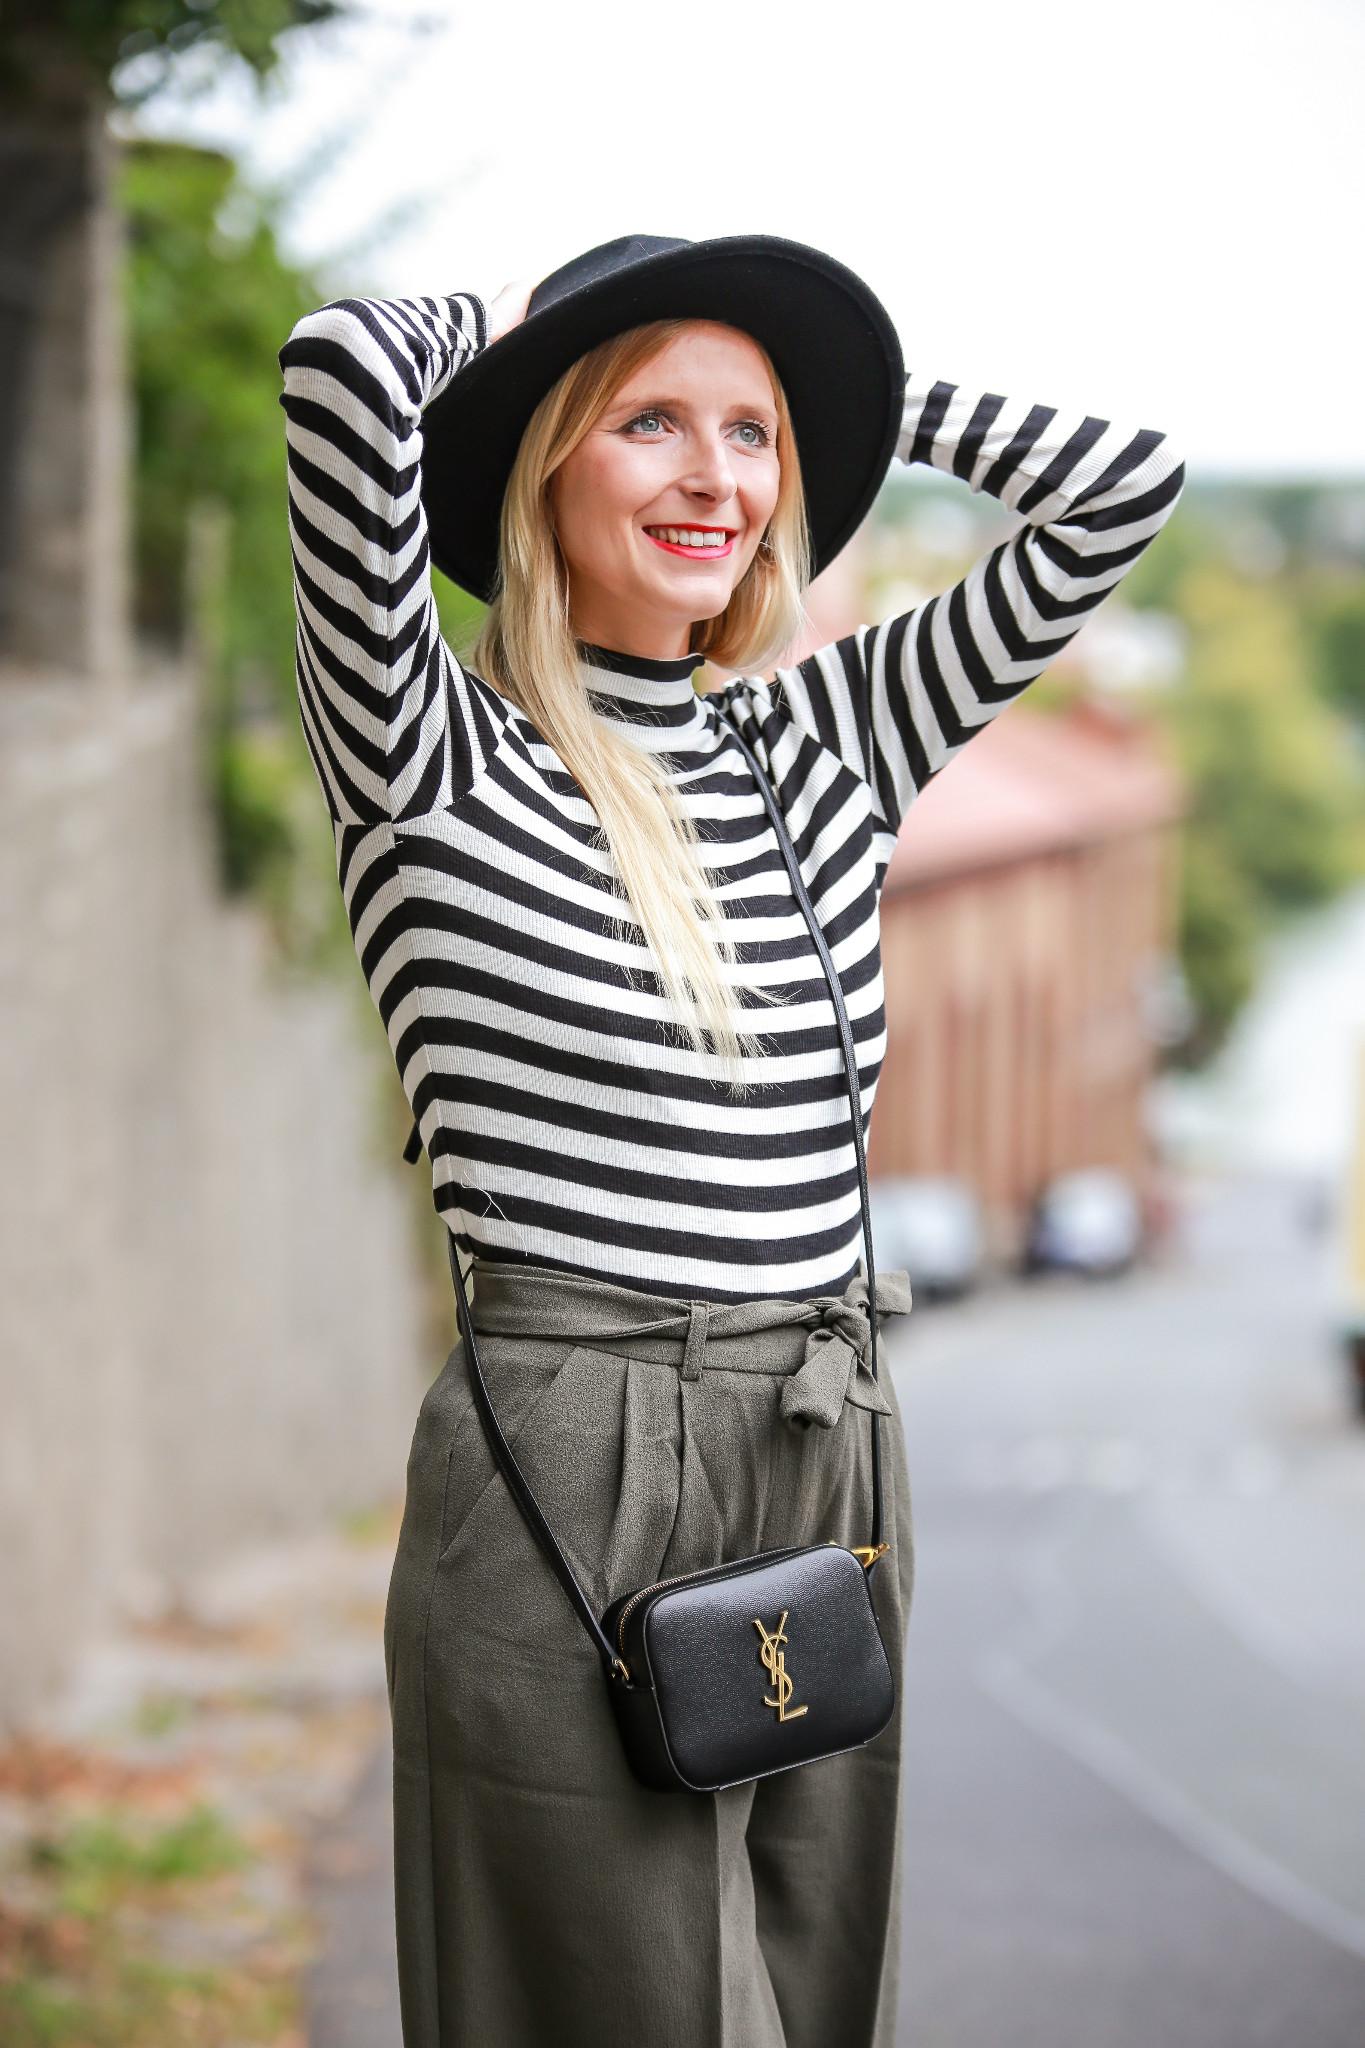 Fashion_Outfit_Très_parisienne-6